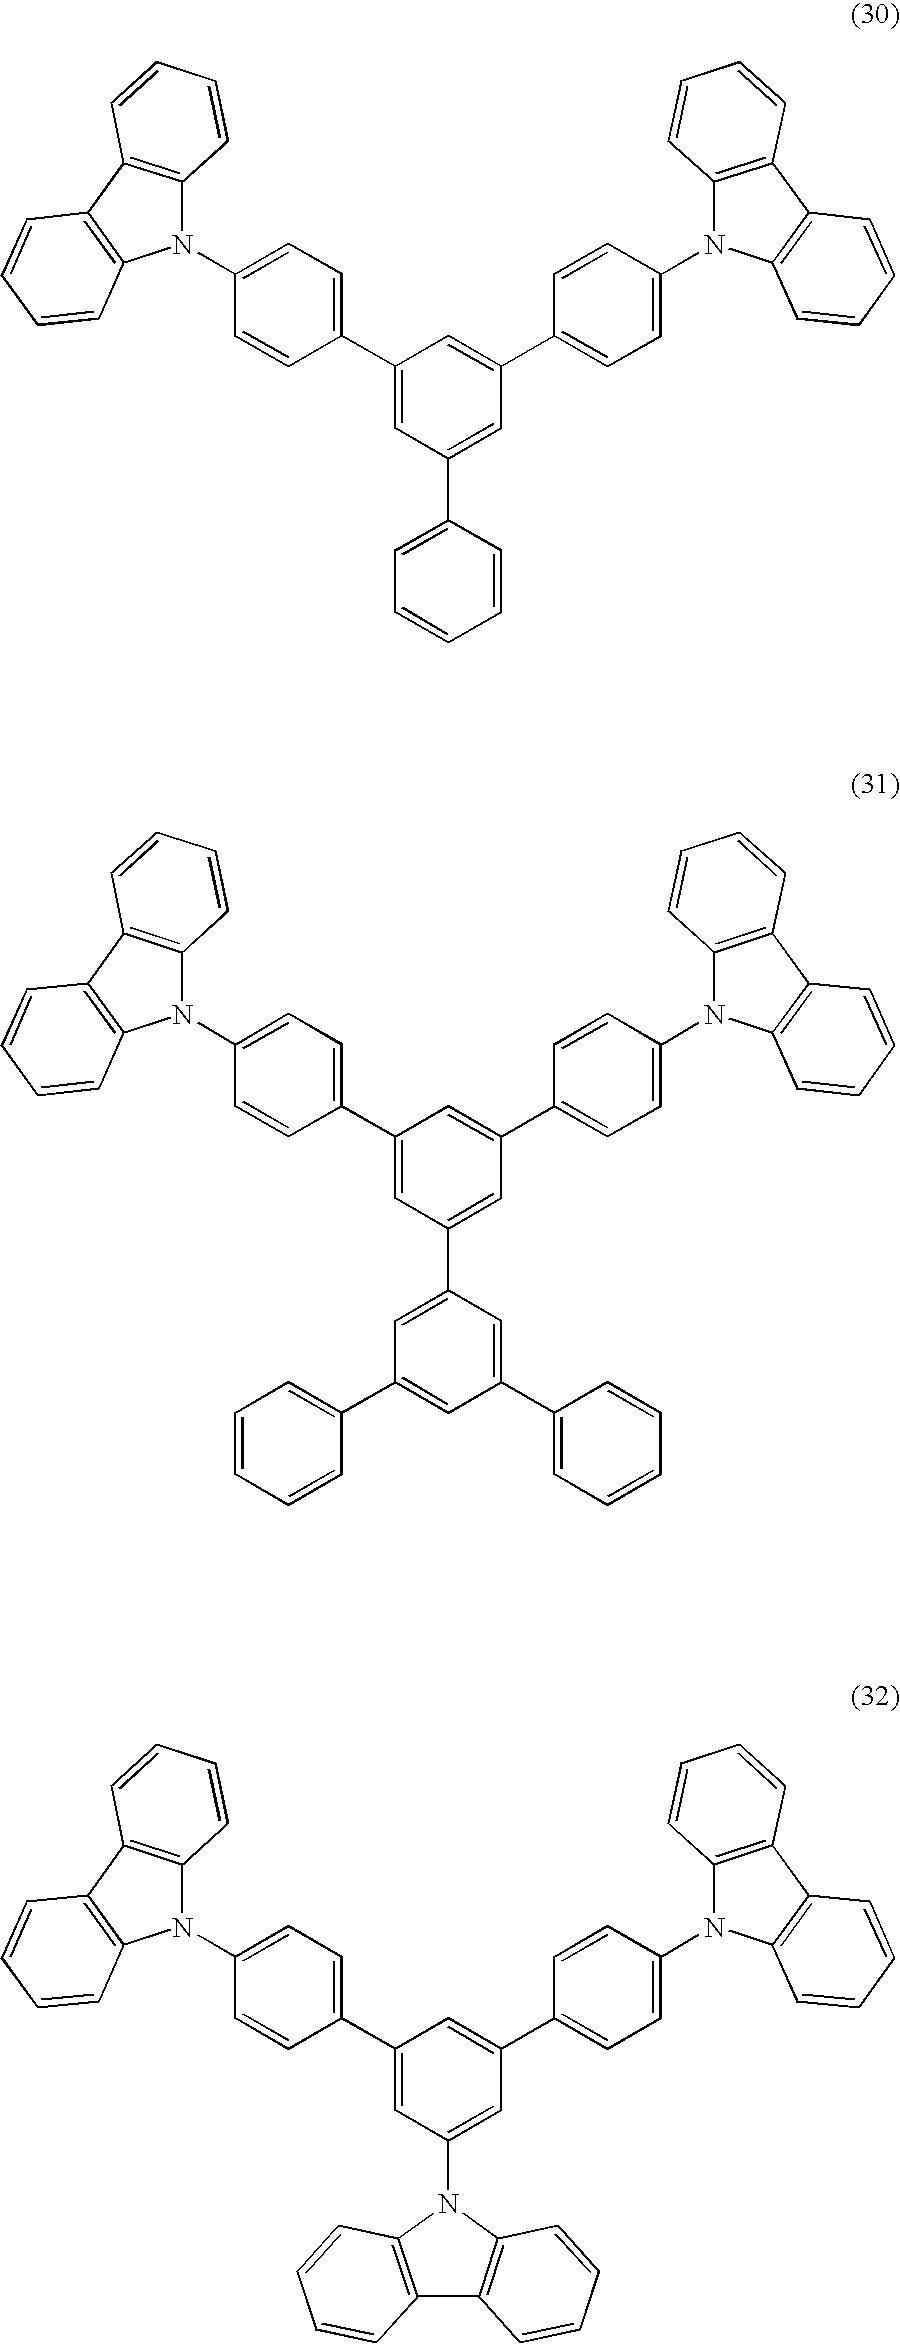 Figure US07226546-20070605-C00013